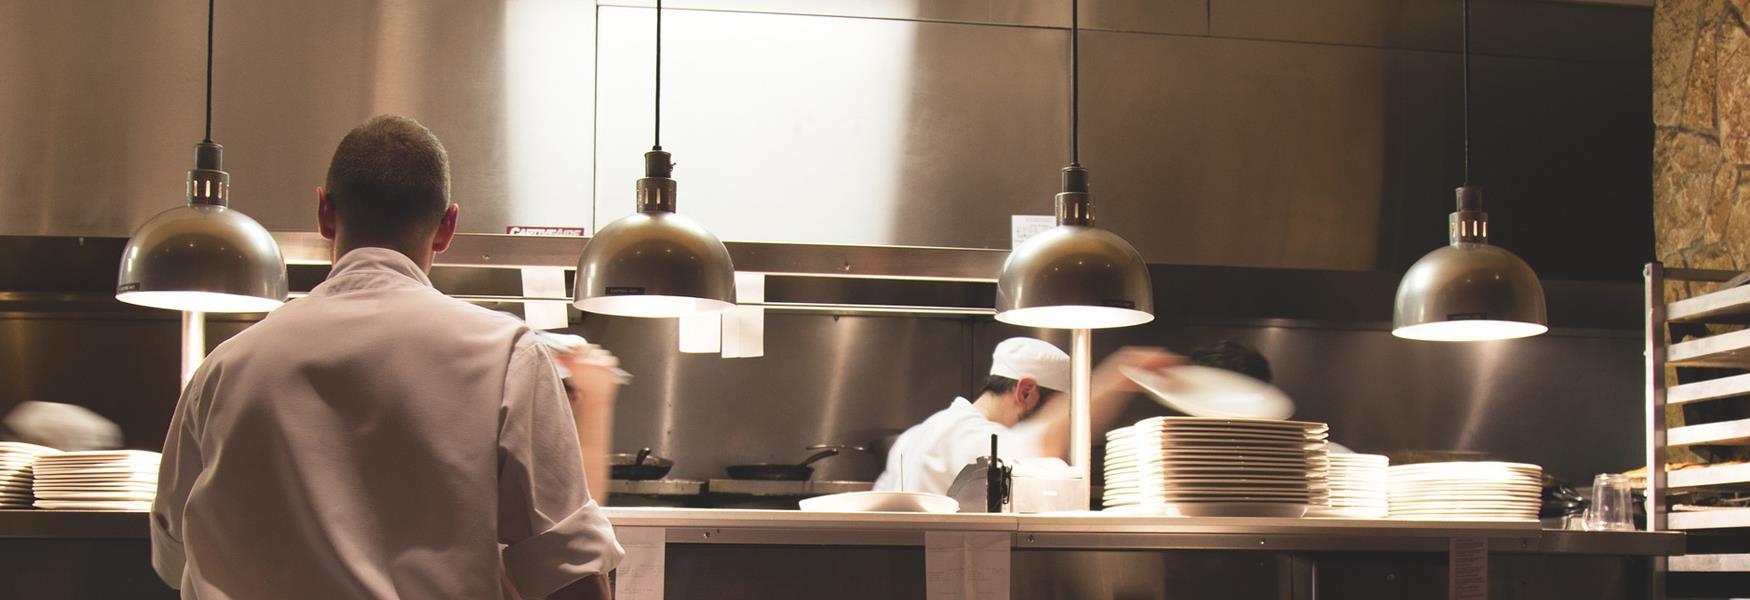 bedfordshire kitchen restaurant